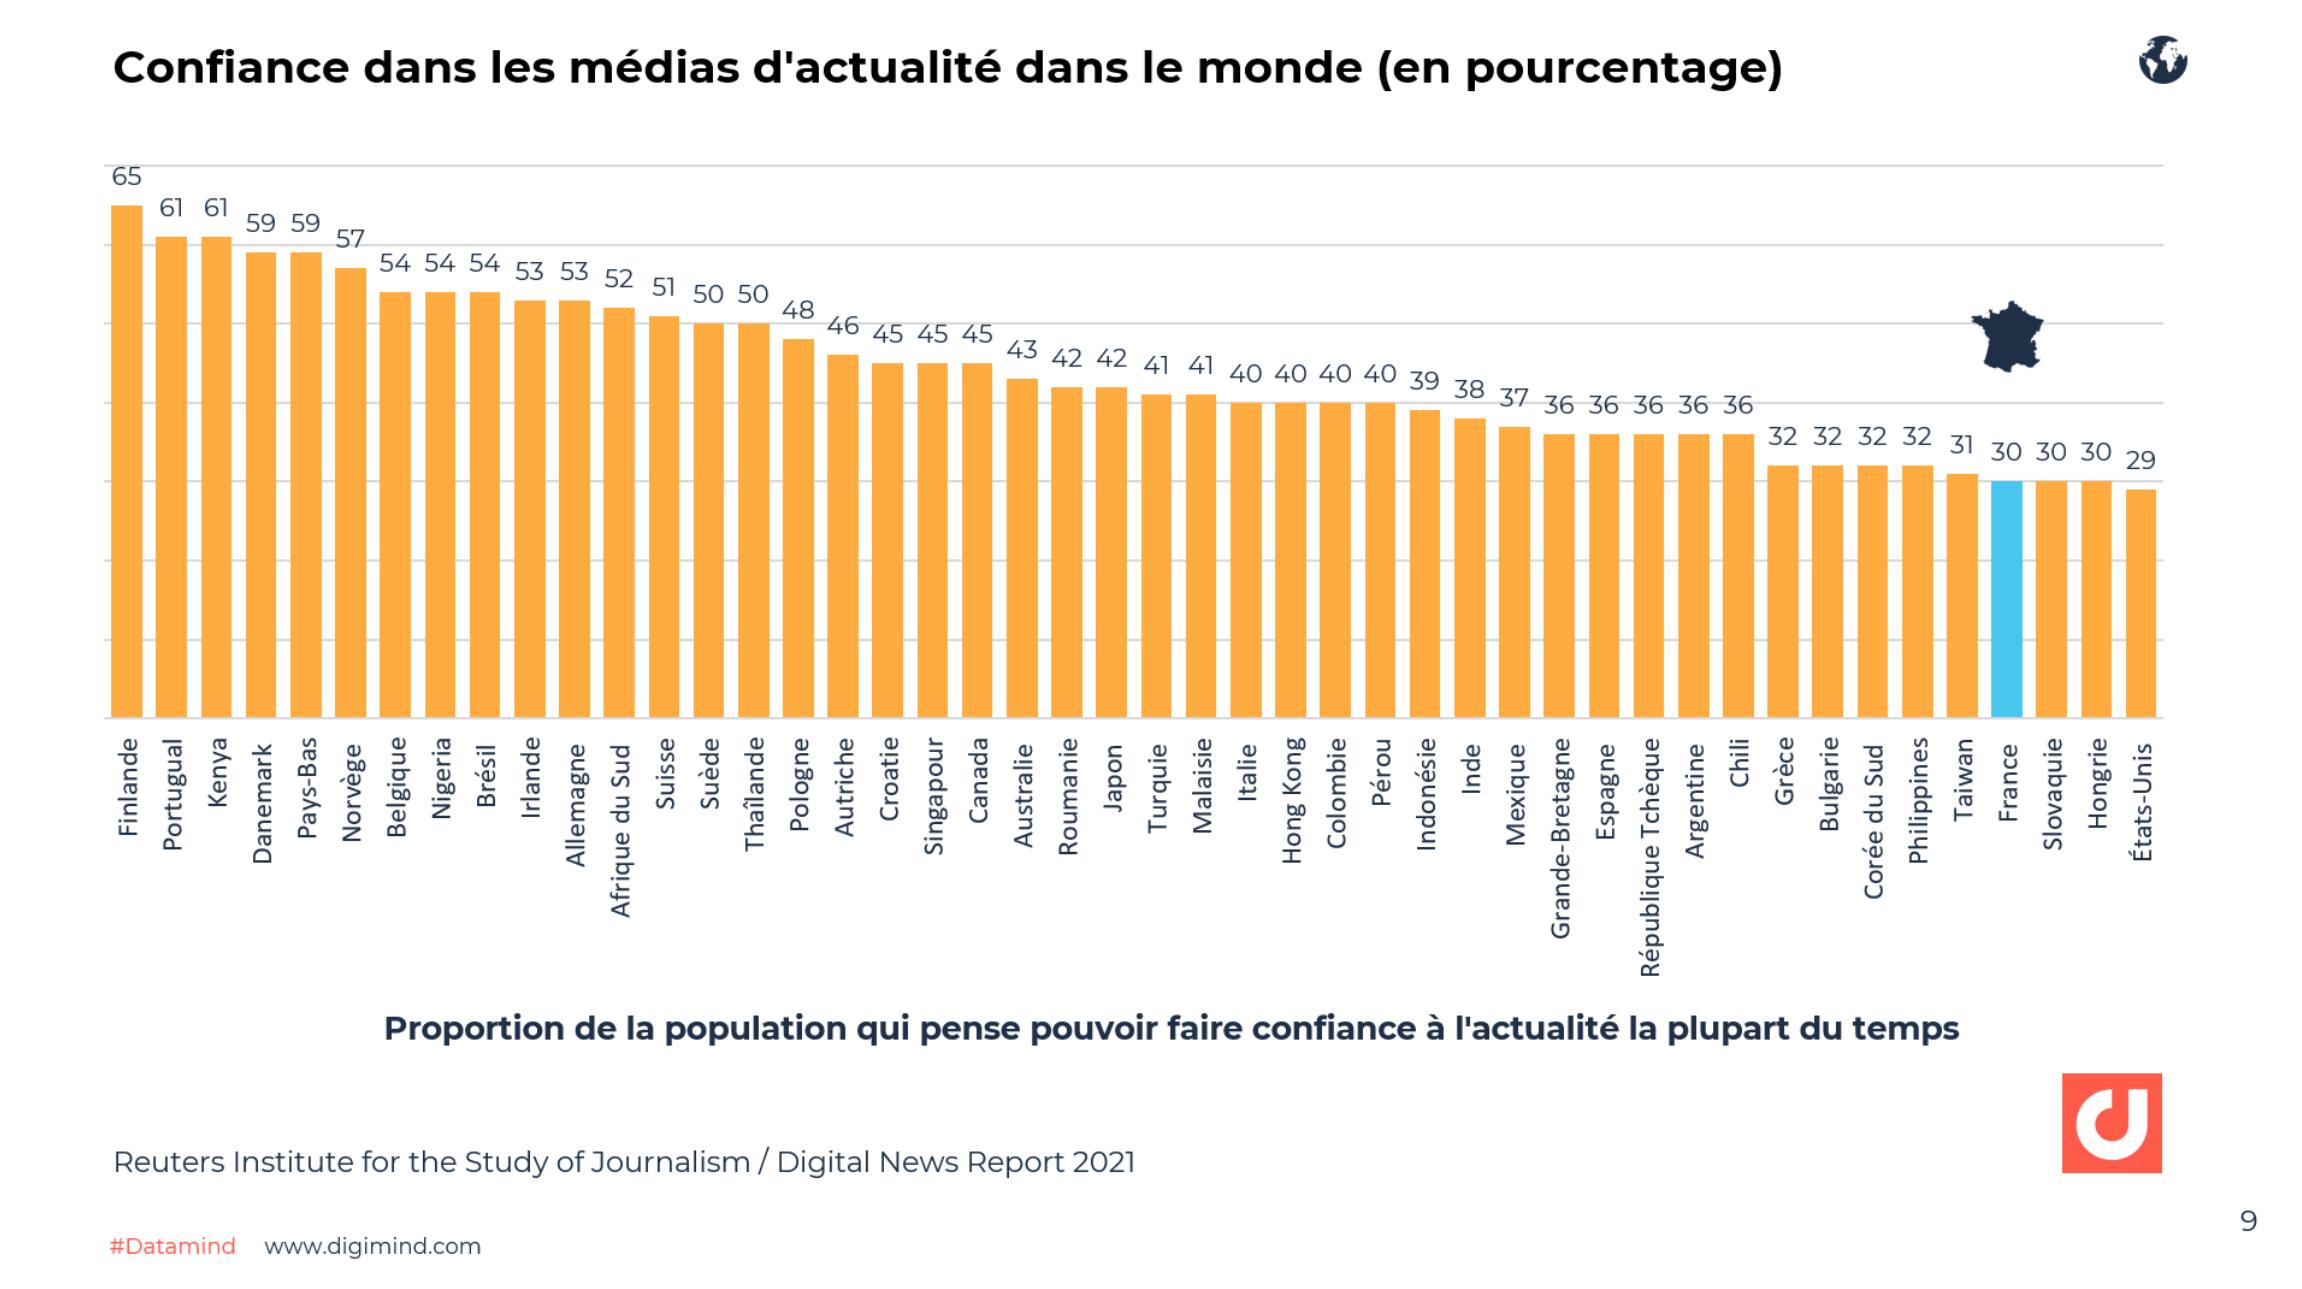 Confiance dans les médias d'actualité dans le monde (en pourcentage) - Digital News Report 2021